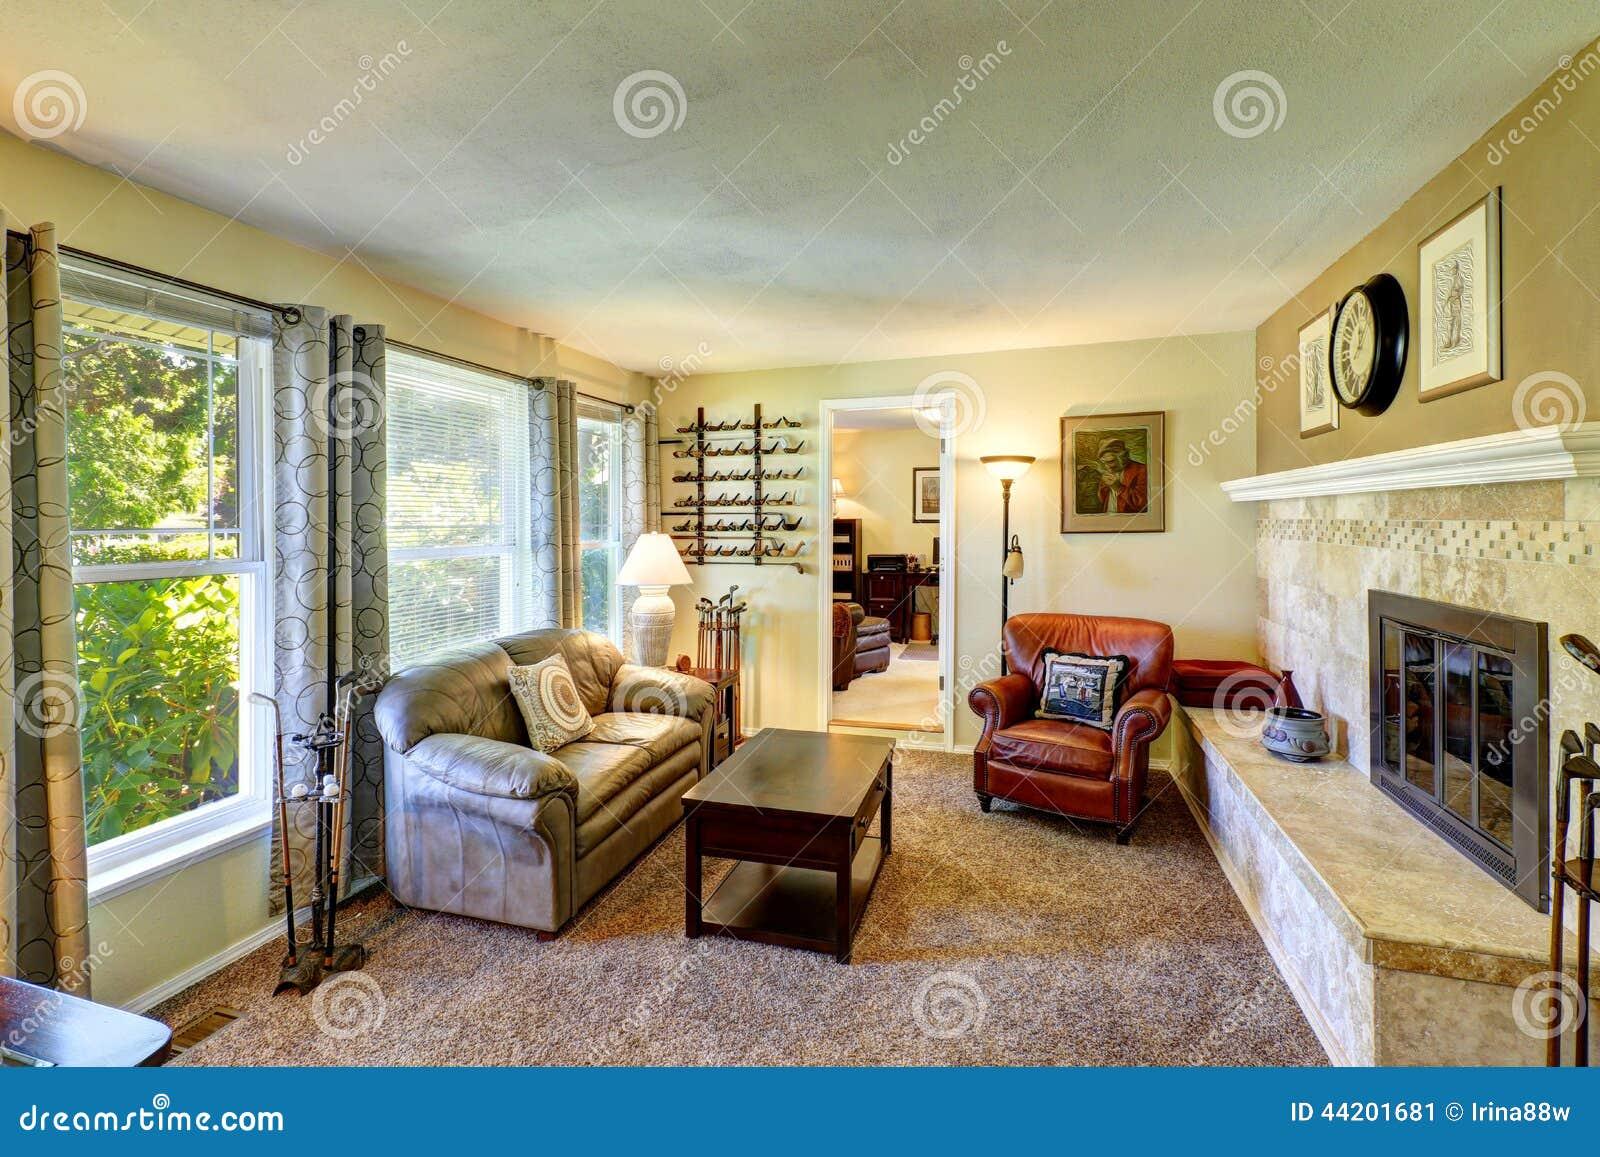 Bequemes Kleines Wohnzimmer Mit Gemutlichem Kamin Stockbild Bild